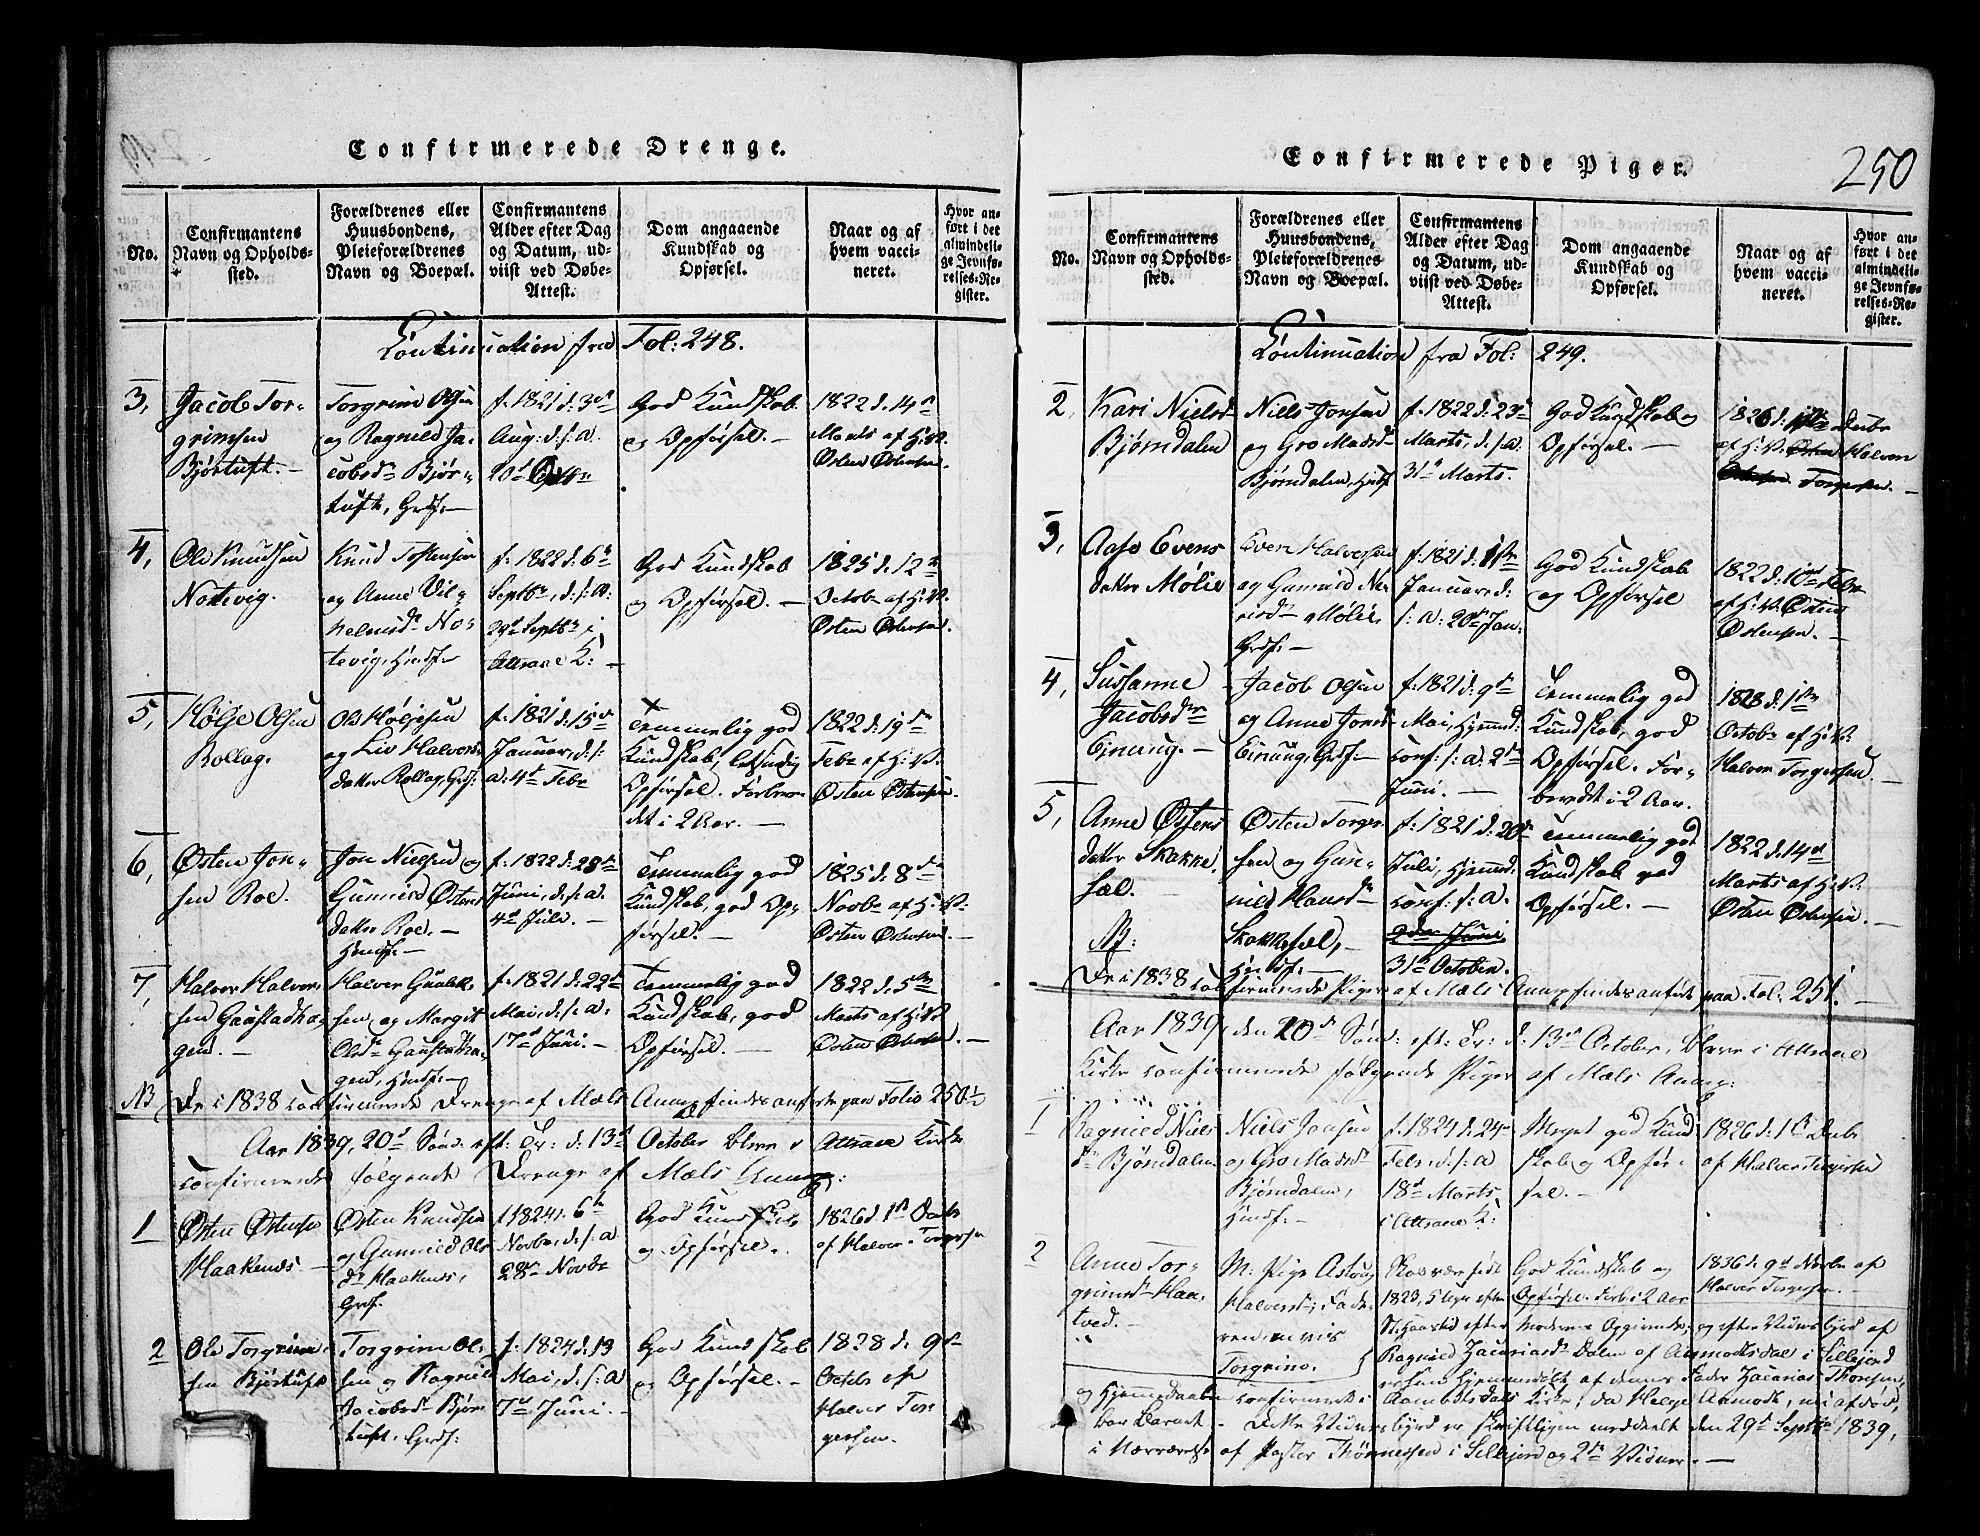 SAKO, Tinn kirkebøker, G/Gb/L0001: Klokkerbok nr. II 1 /1, 1815-1850, s. 250